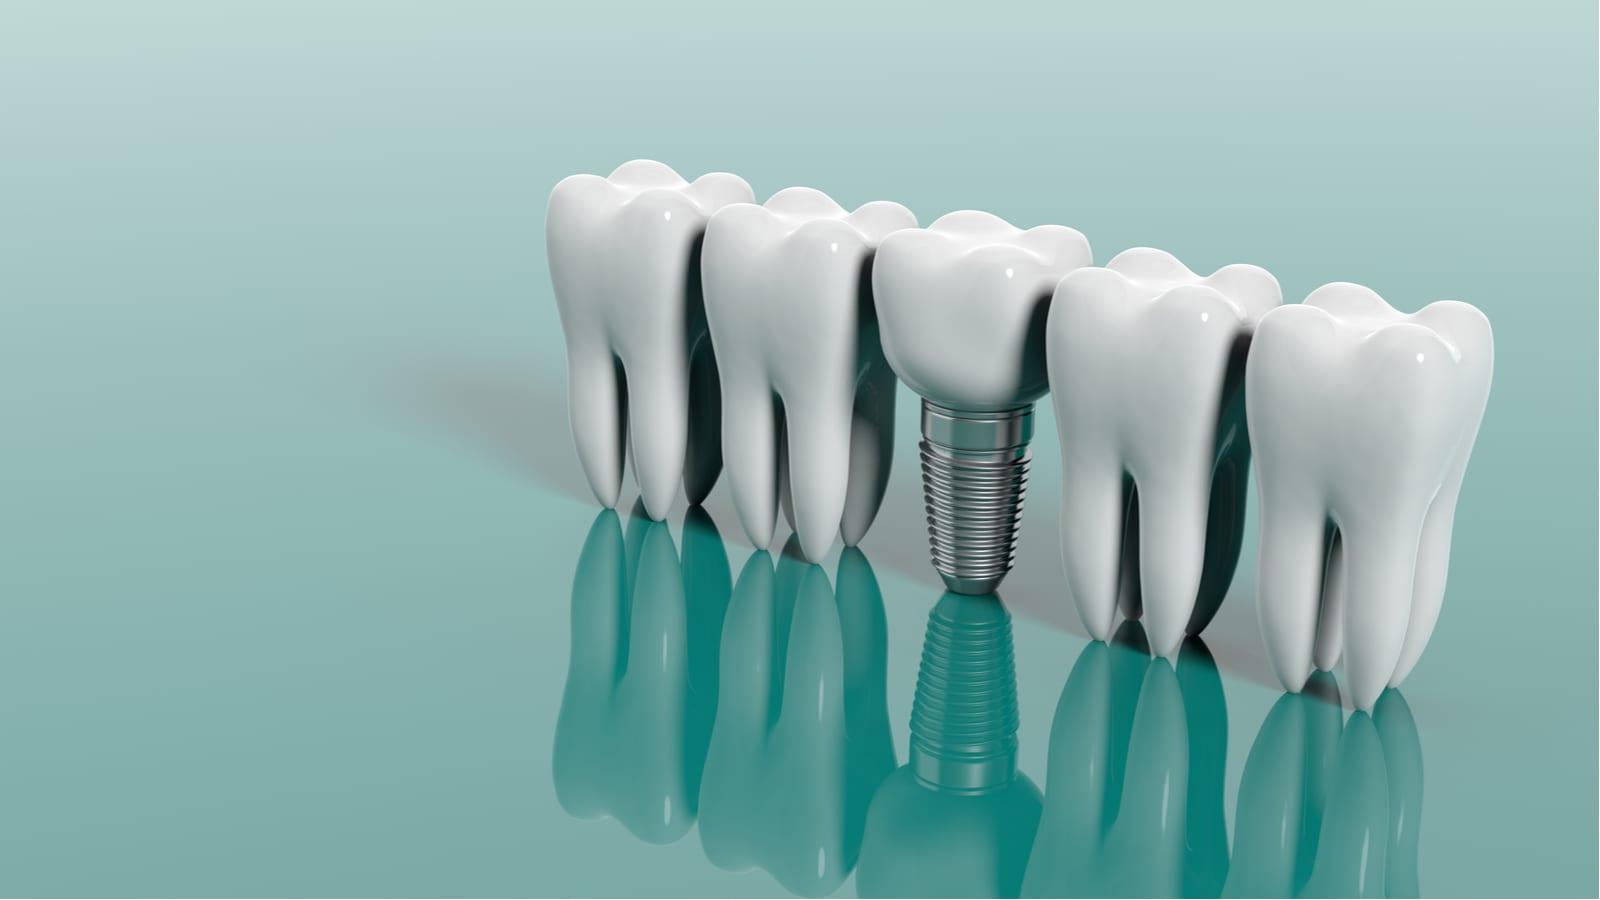 Rendering of natural teeth alongside dental implant